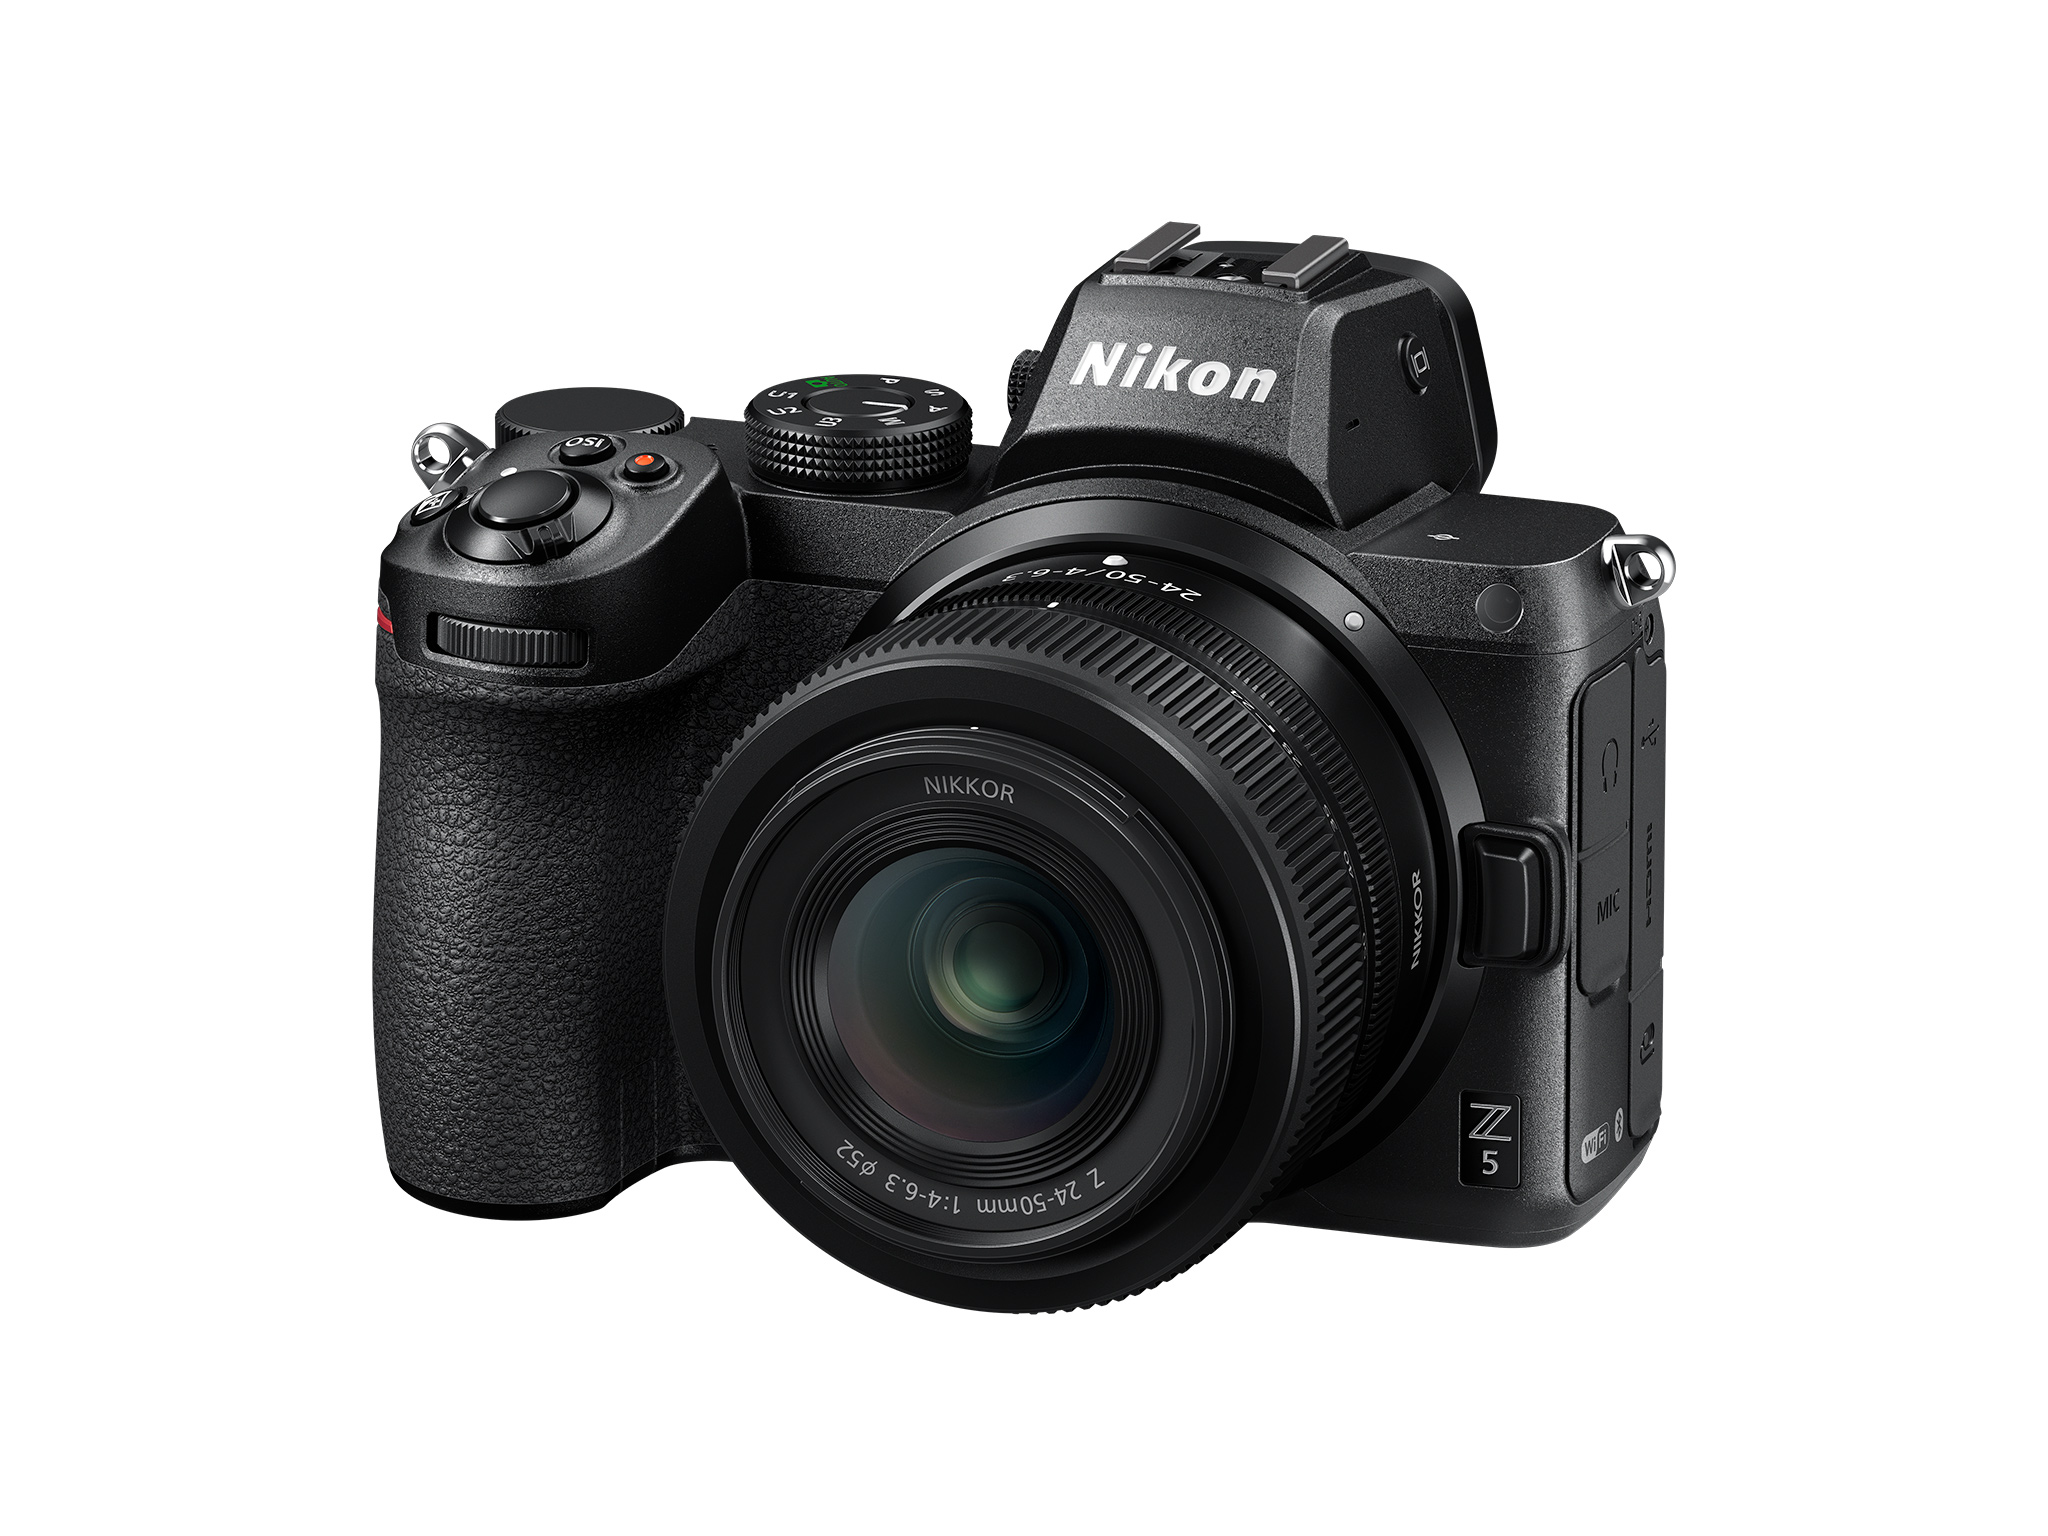 Pășiți în lumea mirrorless full-frame cu noul Nikon Z 5